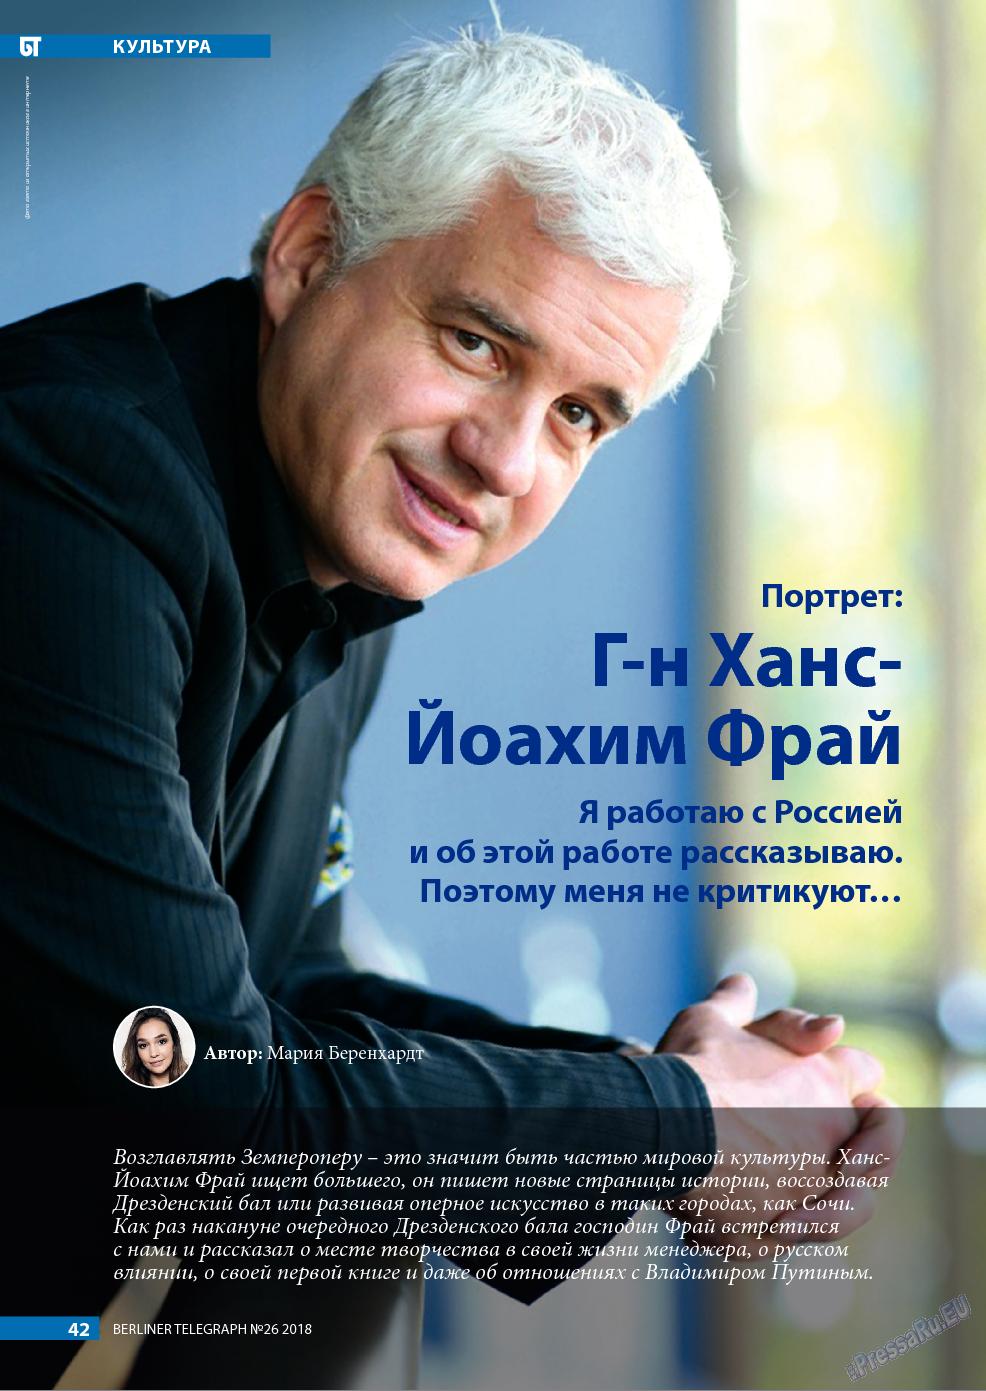 Берлинский телеграф (журнал). 2018 год, номер 26, стр. 42